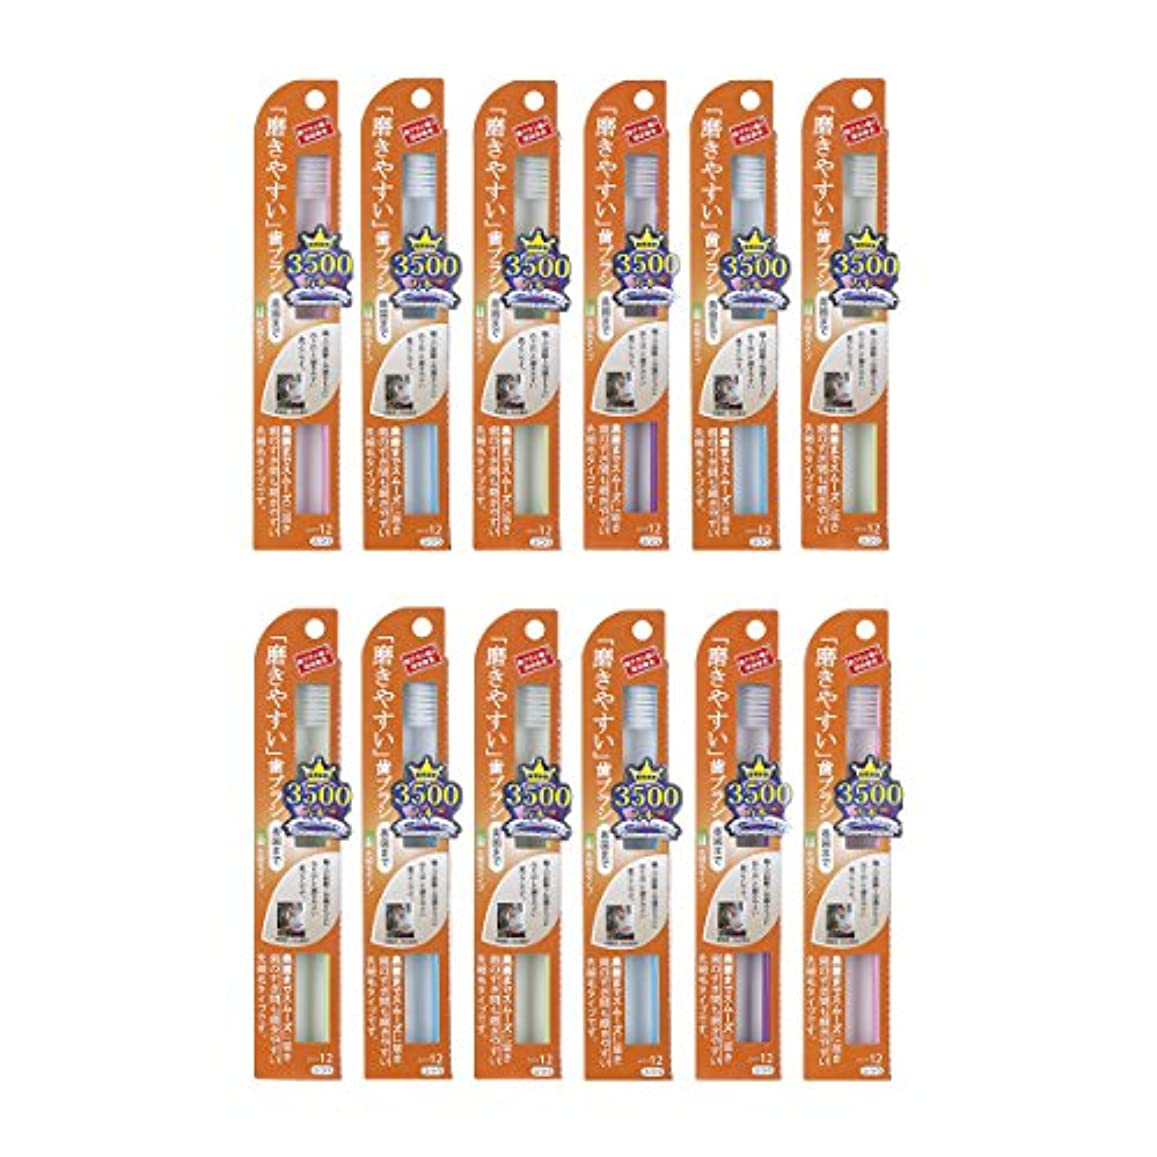 オーラル害足枷歯ブラシ職人Artooth ®田辺重吉 日本製 磨きやすい歯ブラシ(奥歯まで)先細毛タイプ LT-12 (12本パック)